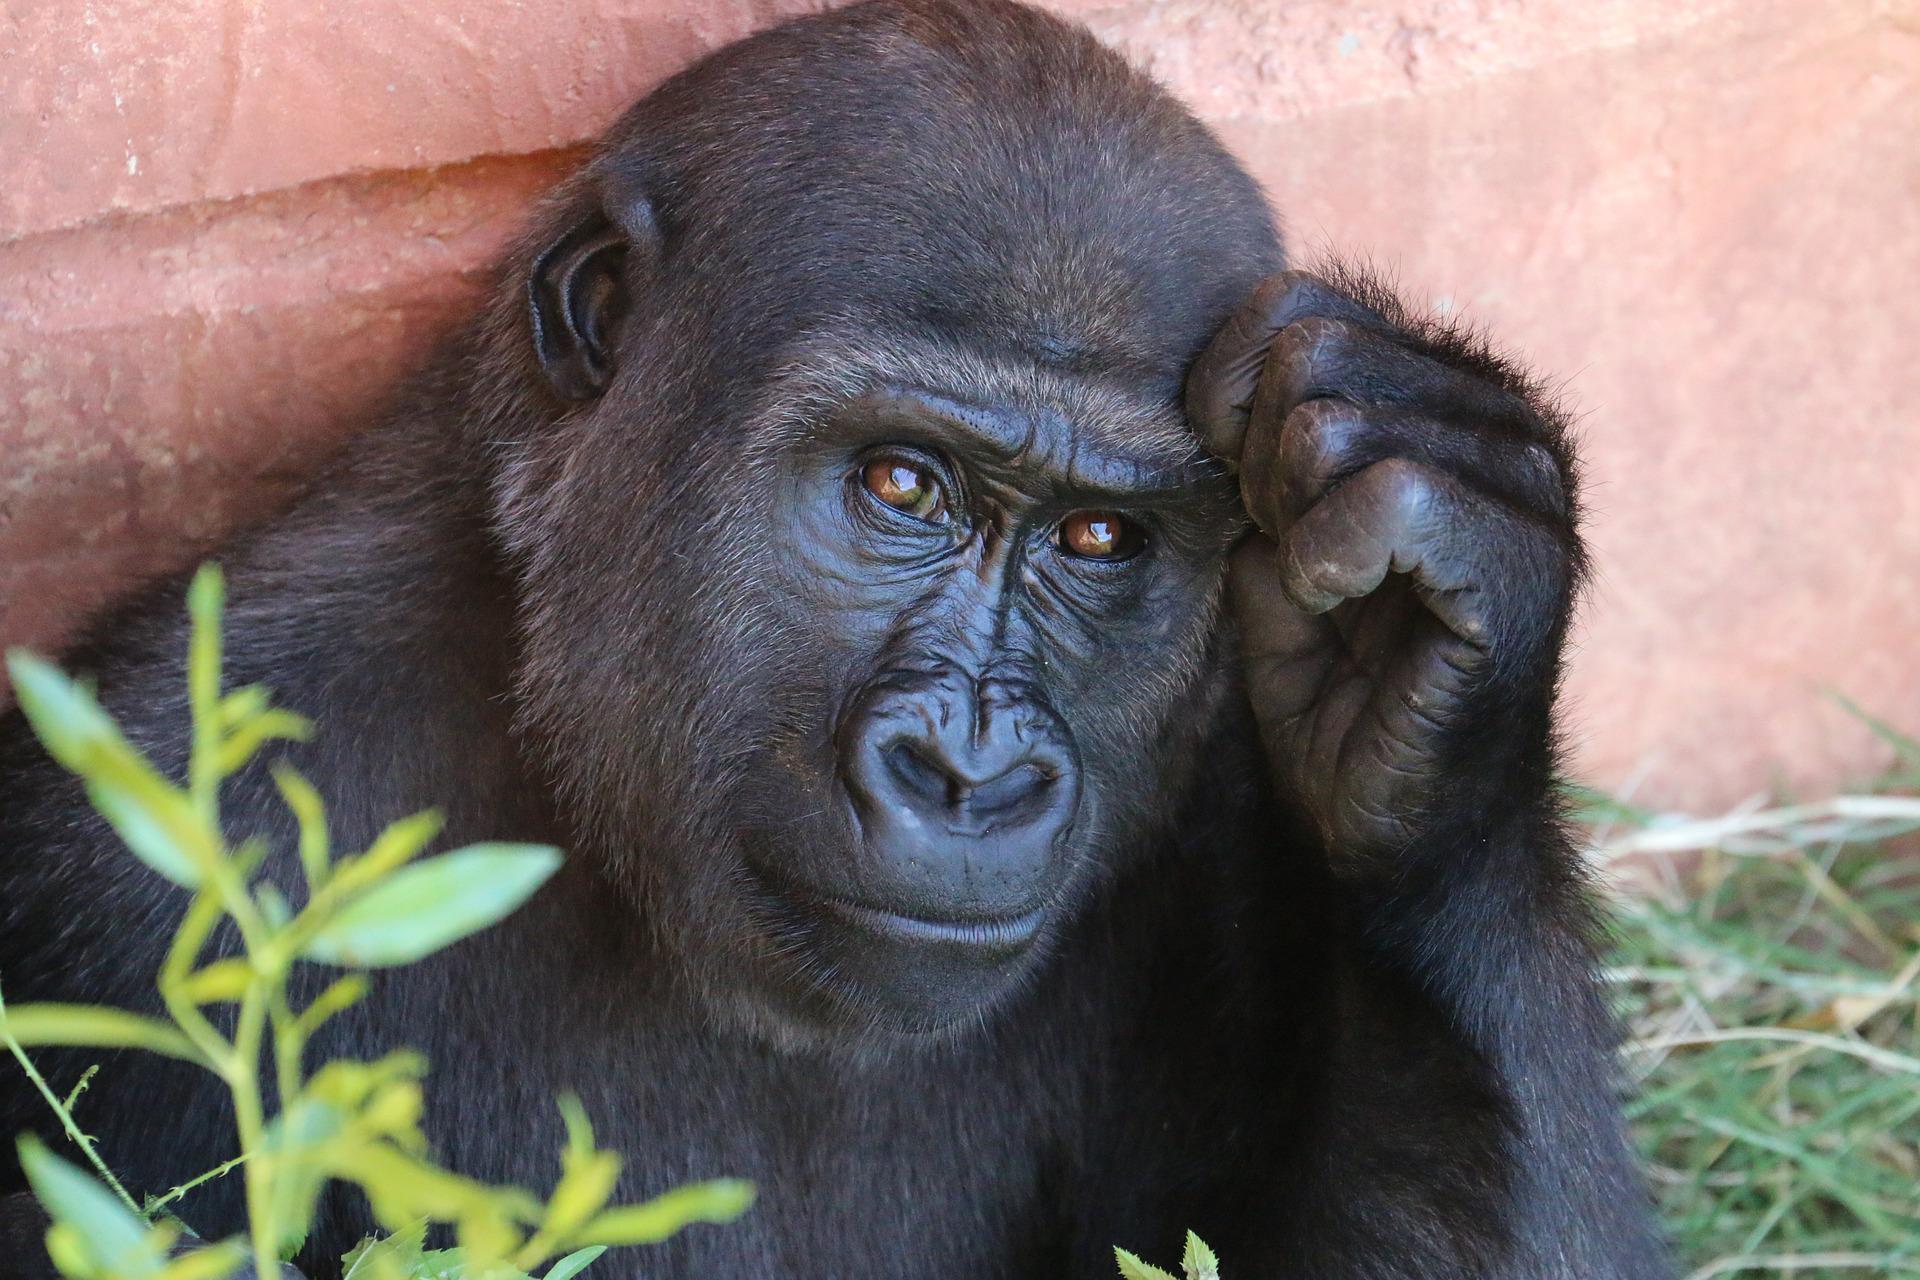 ABDde gorillere özel koronavirüs aşısı yapılacak